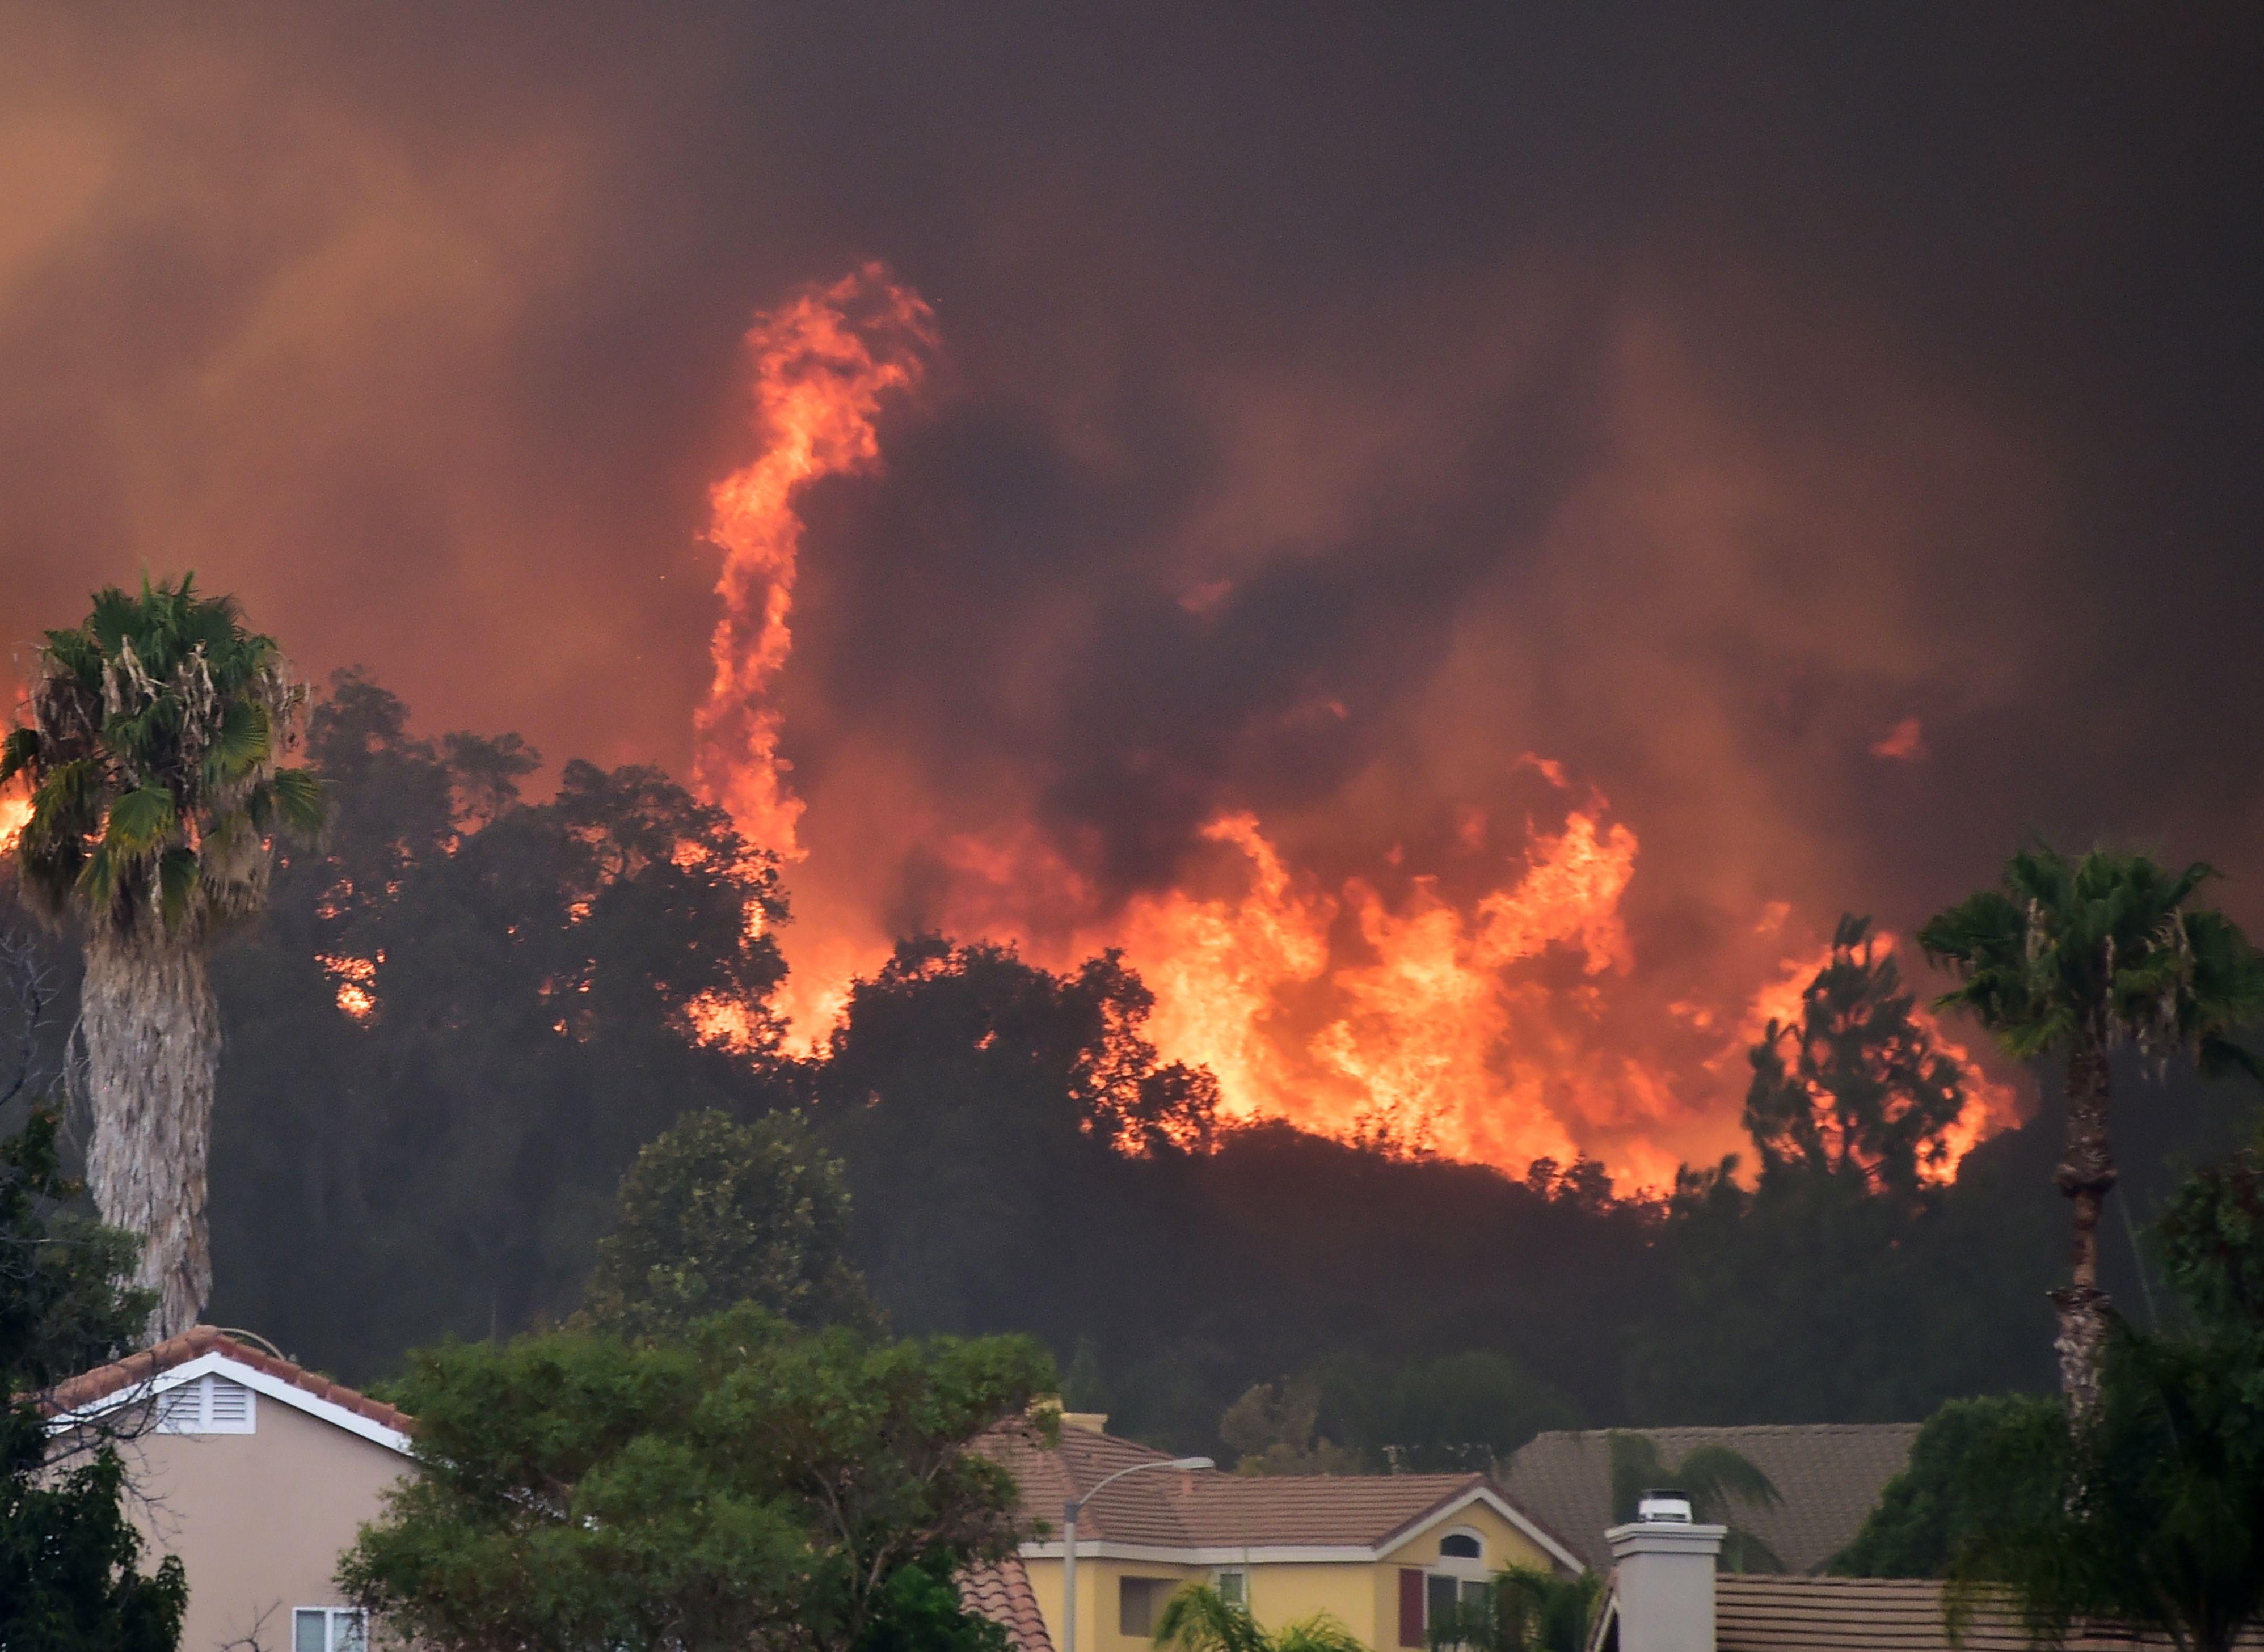 النيران تتصاعد بولاية كاليفورنيا